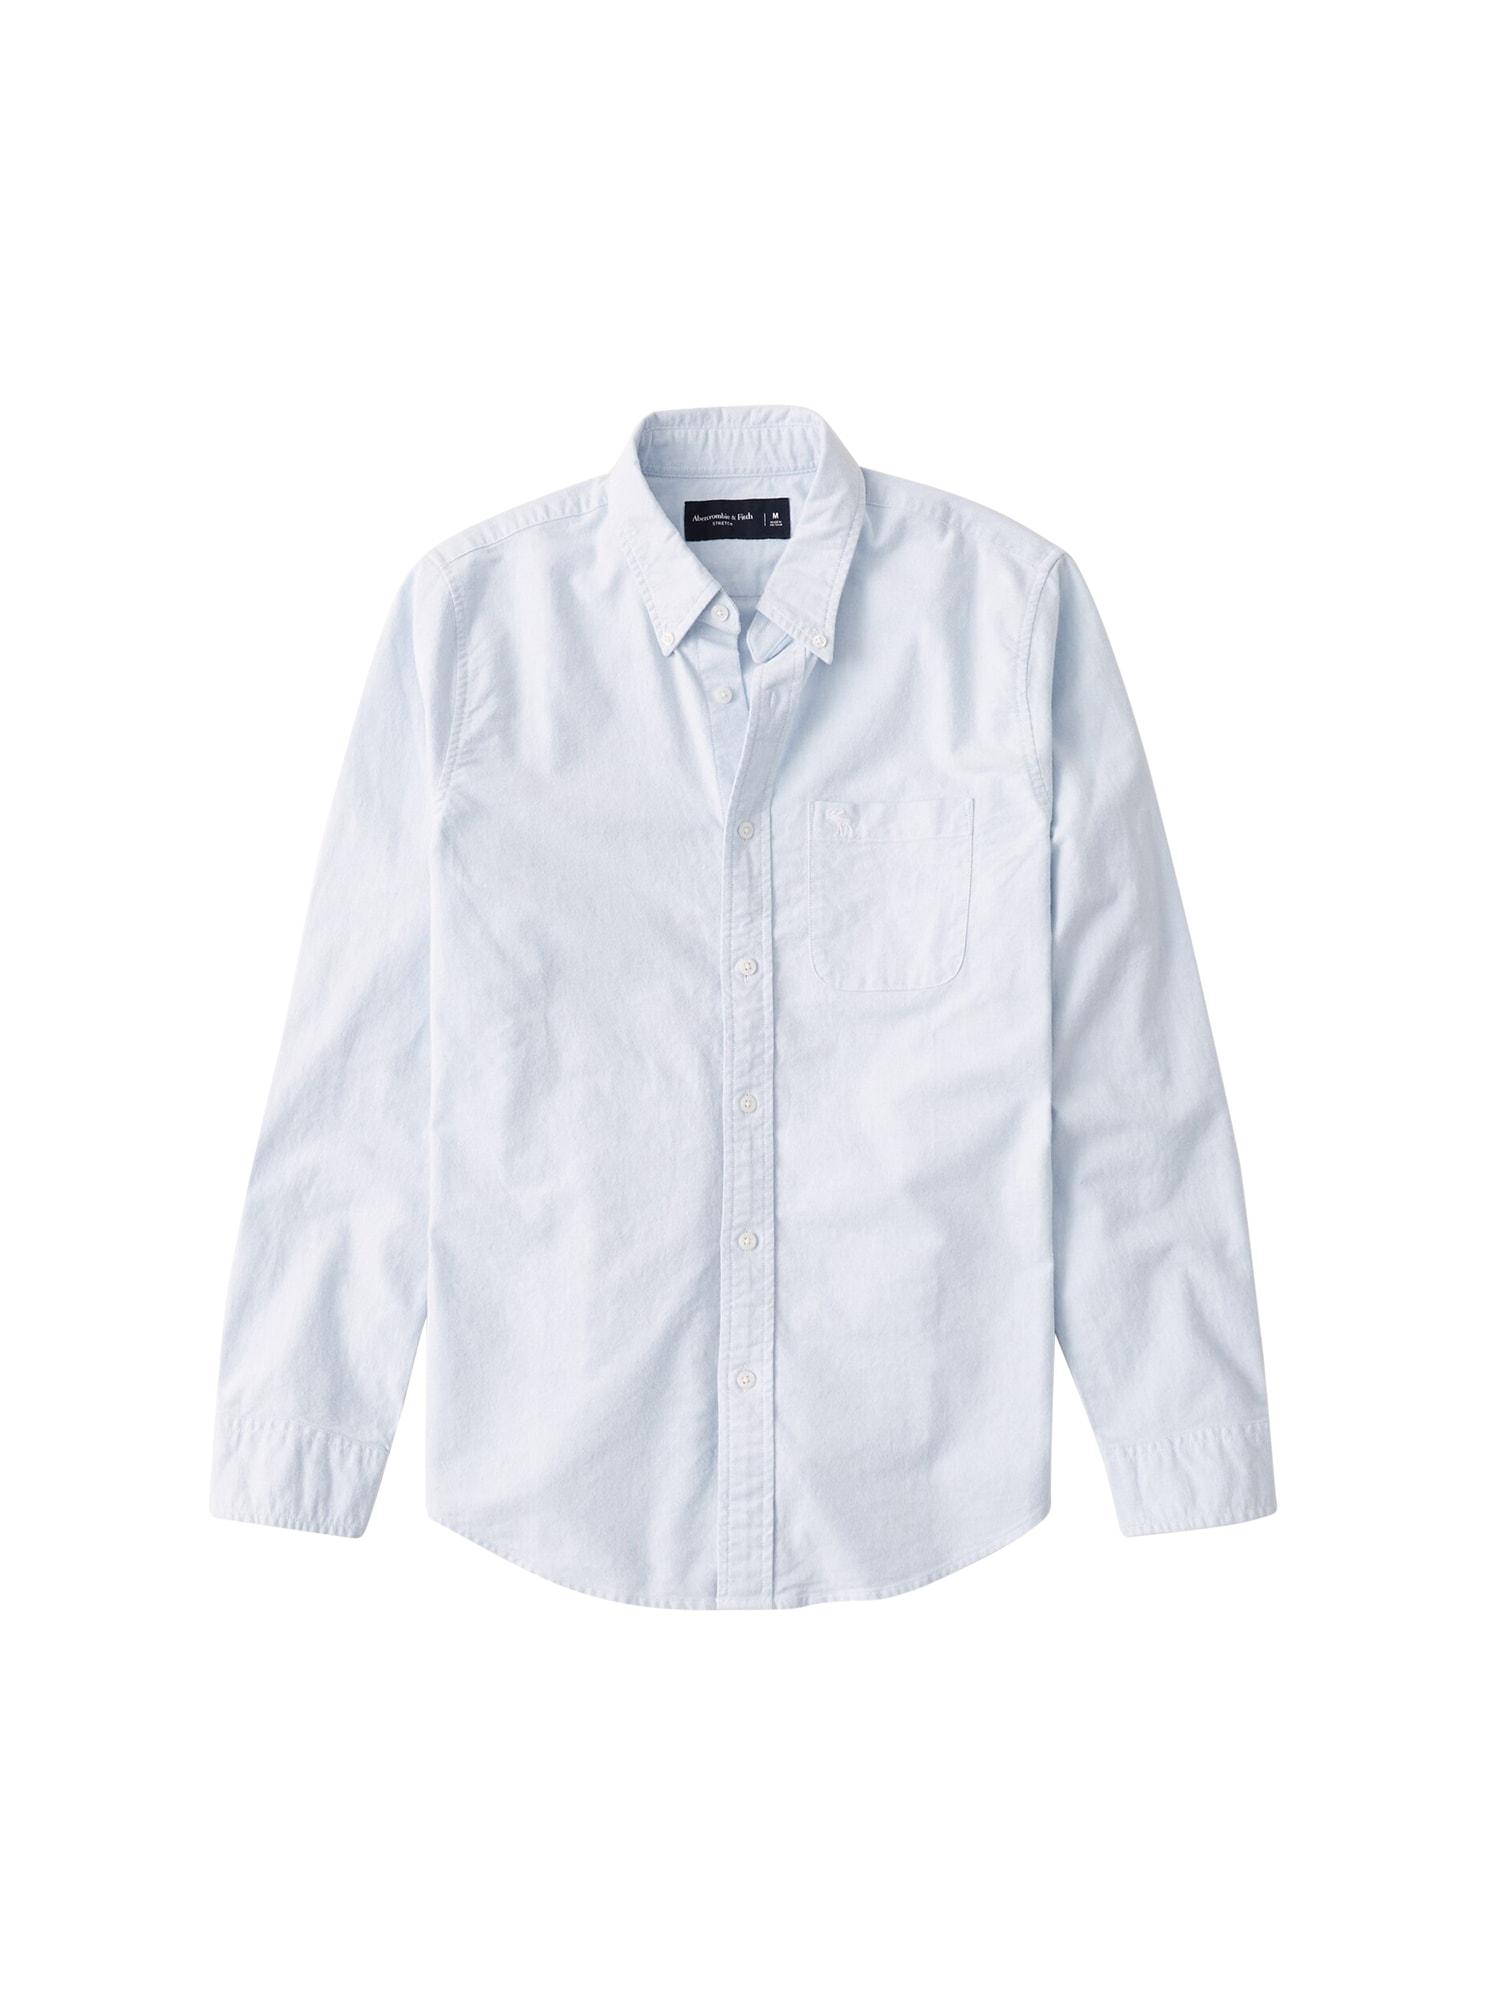 Abercrombie & Fitch Dalykiniai marškiniai mėlyna